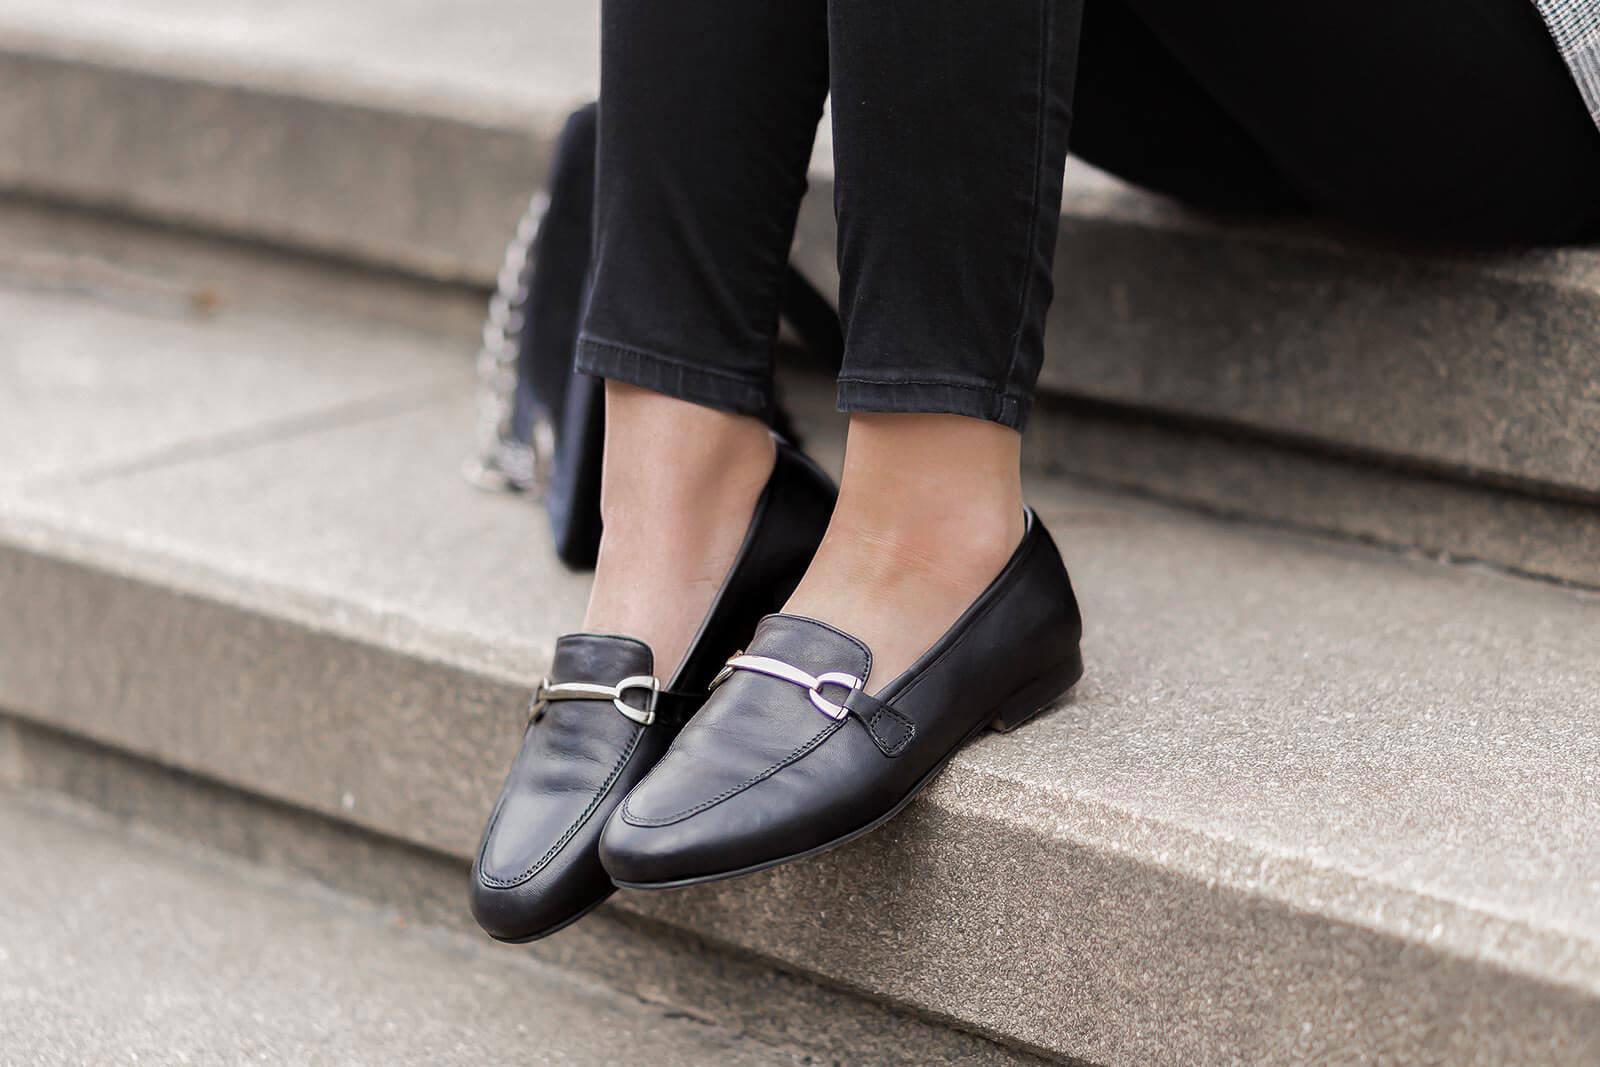 Schuhe für's Büro finden, Business Schuhe, schicke Loafer, Shoelove by Deichmann